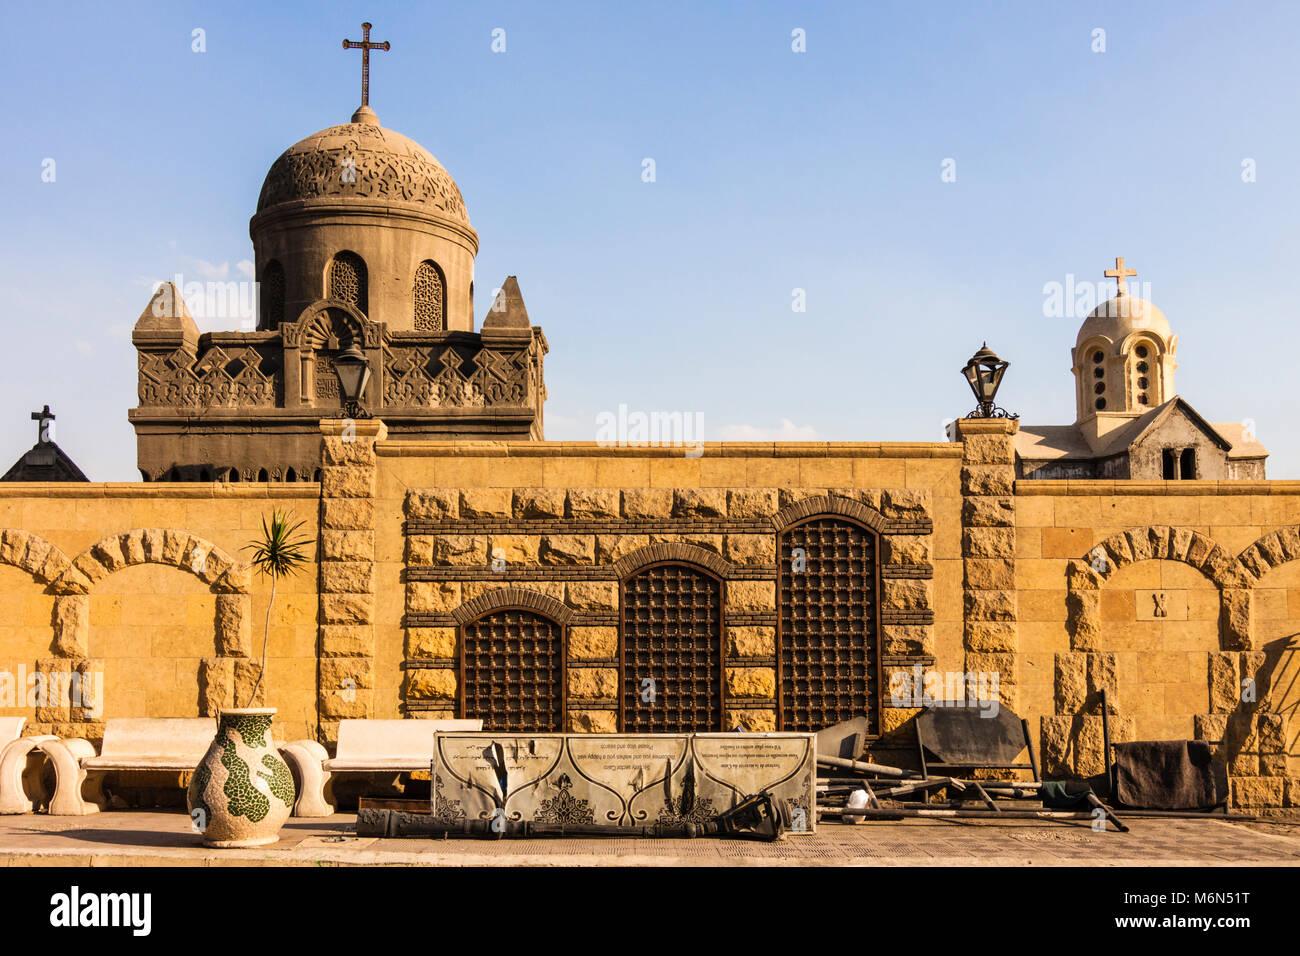 Cementerio Ortodoxo Griego. Copto de El Cairo. Imagen De Stock